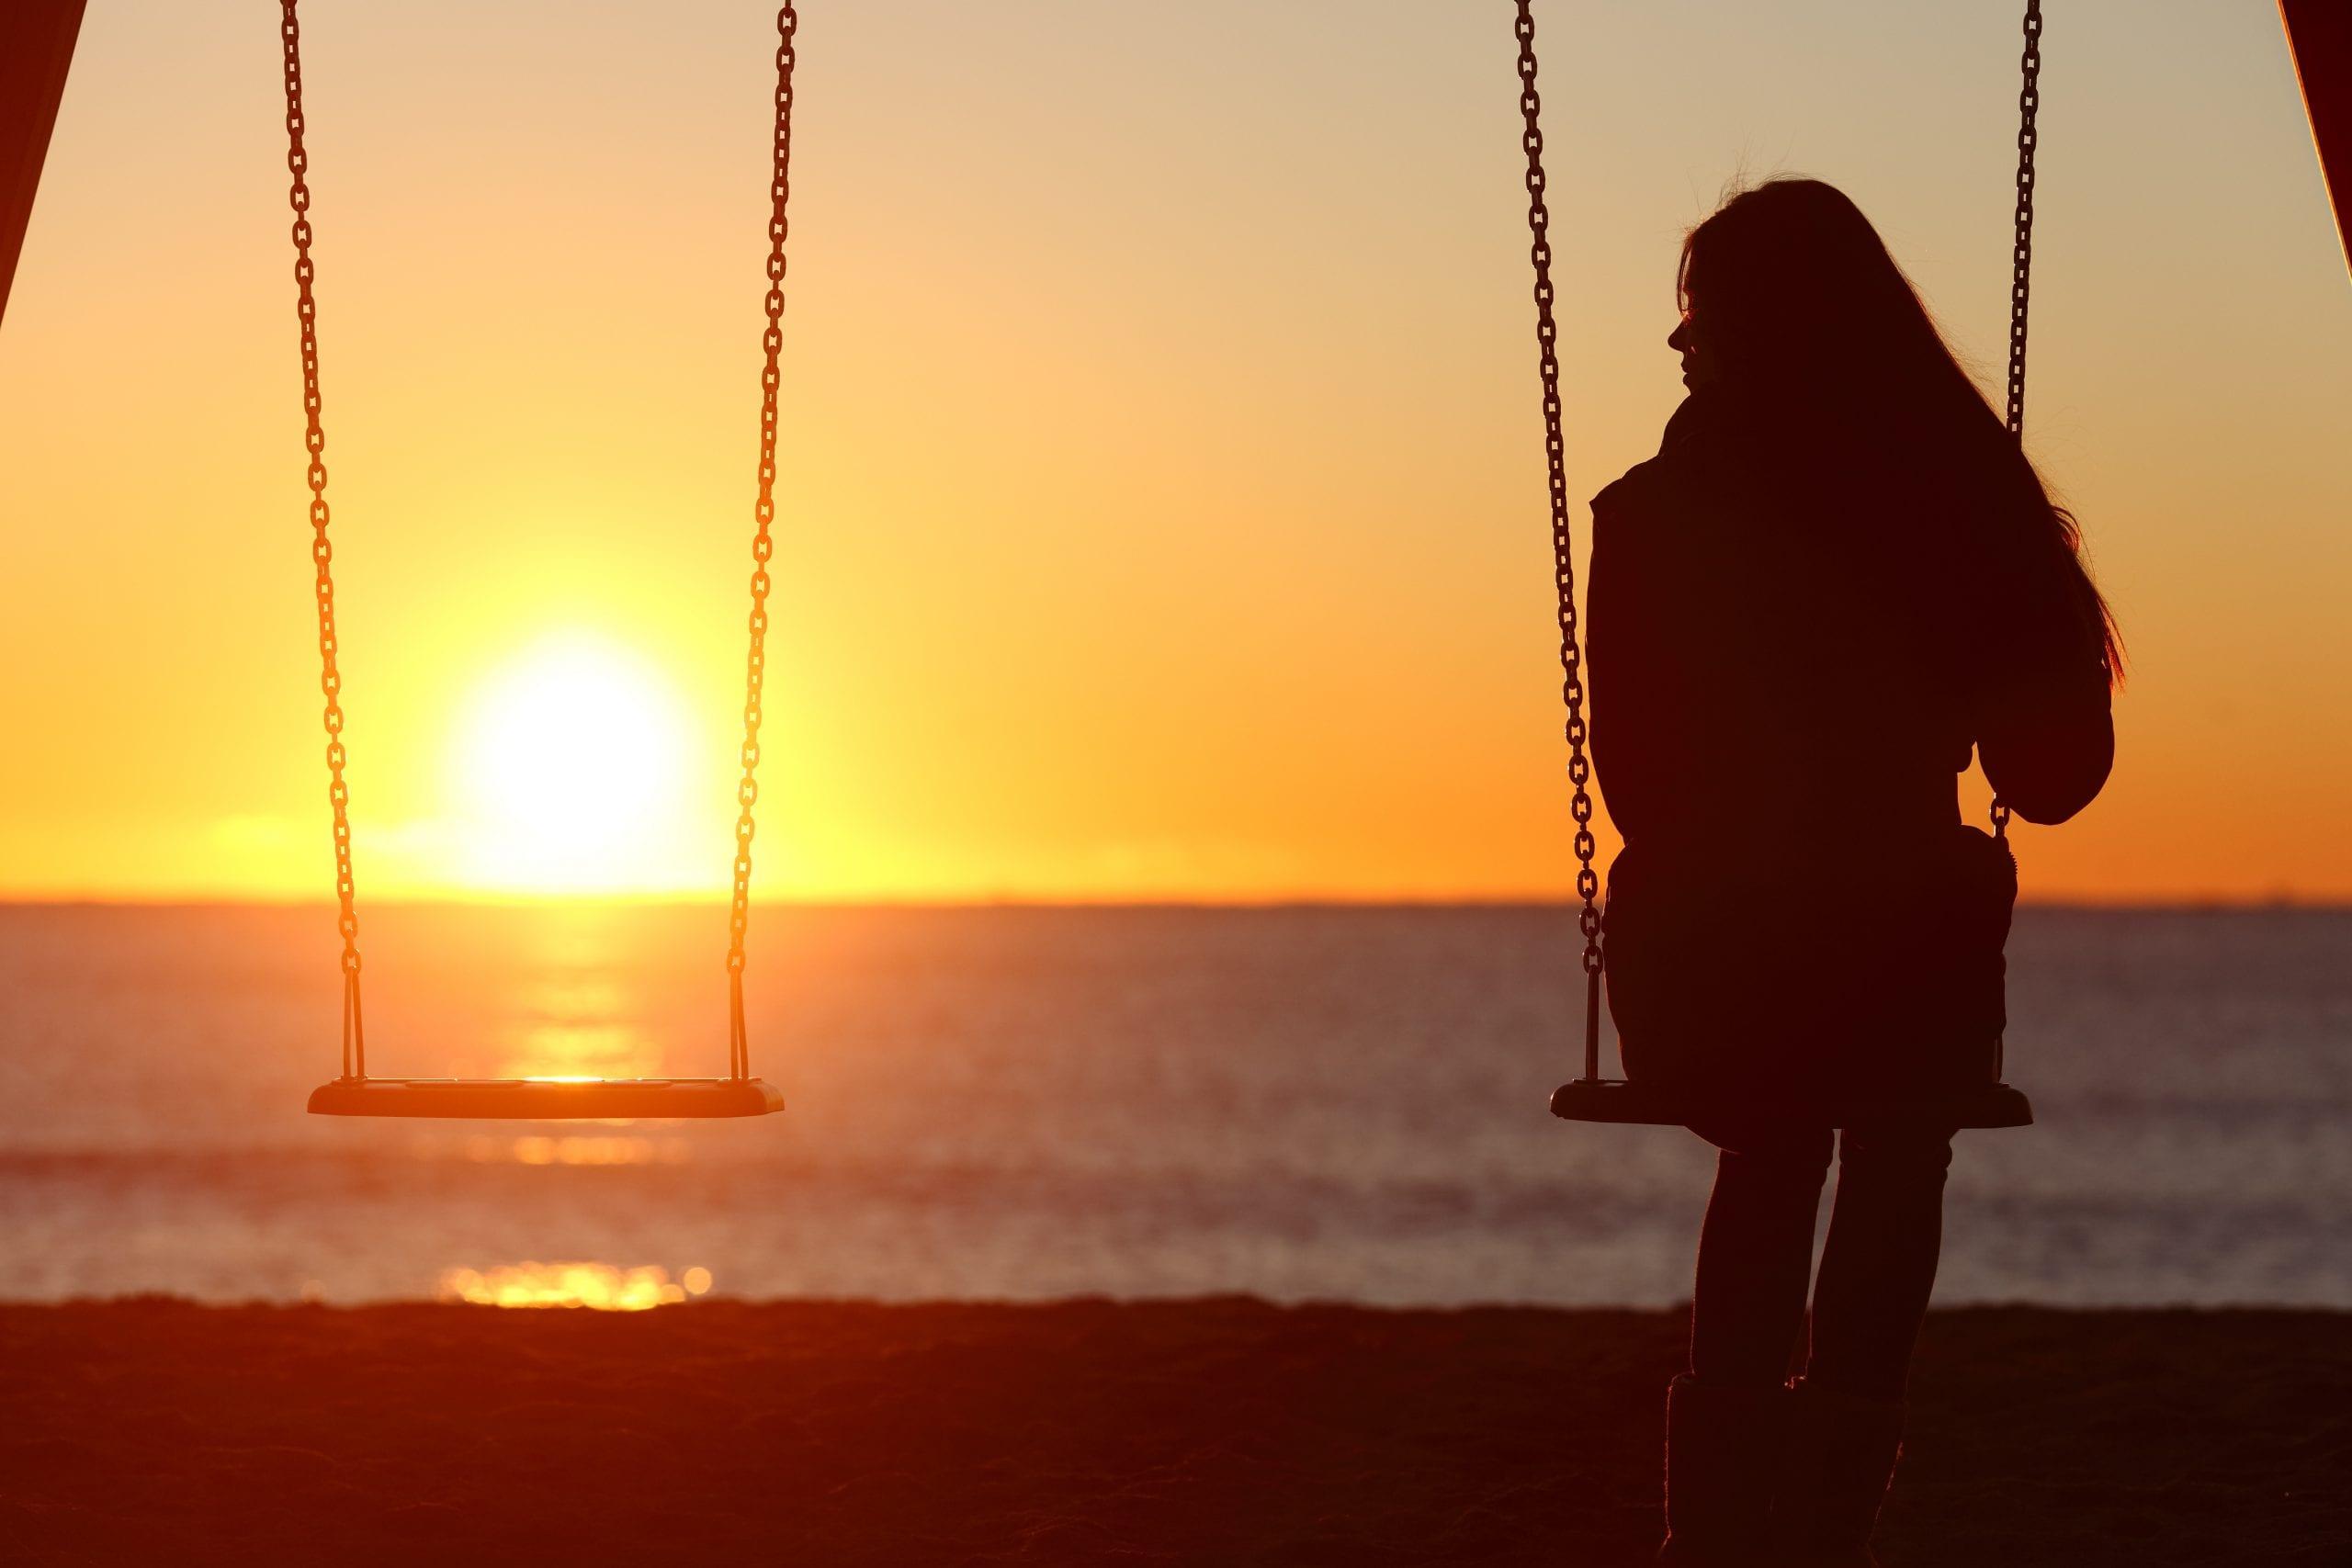 35 & single woman alone swinging